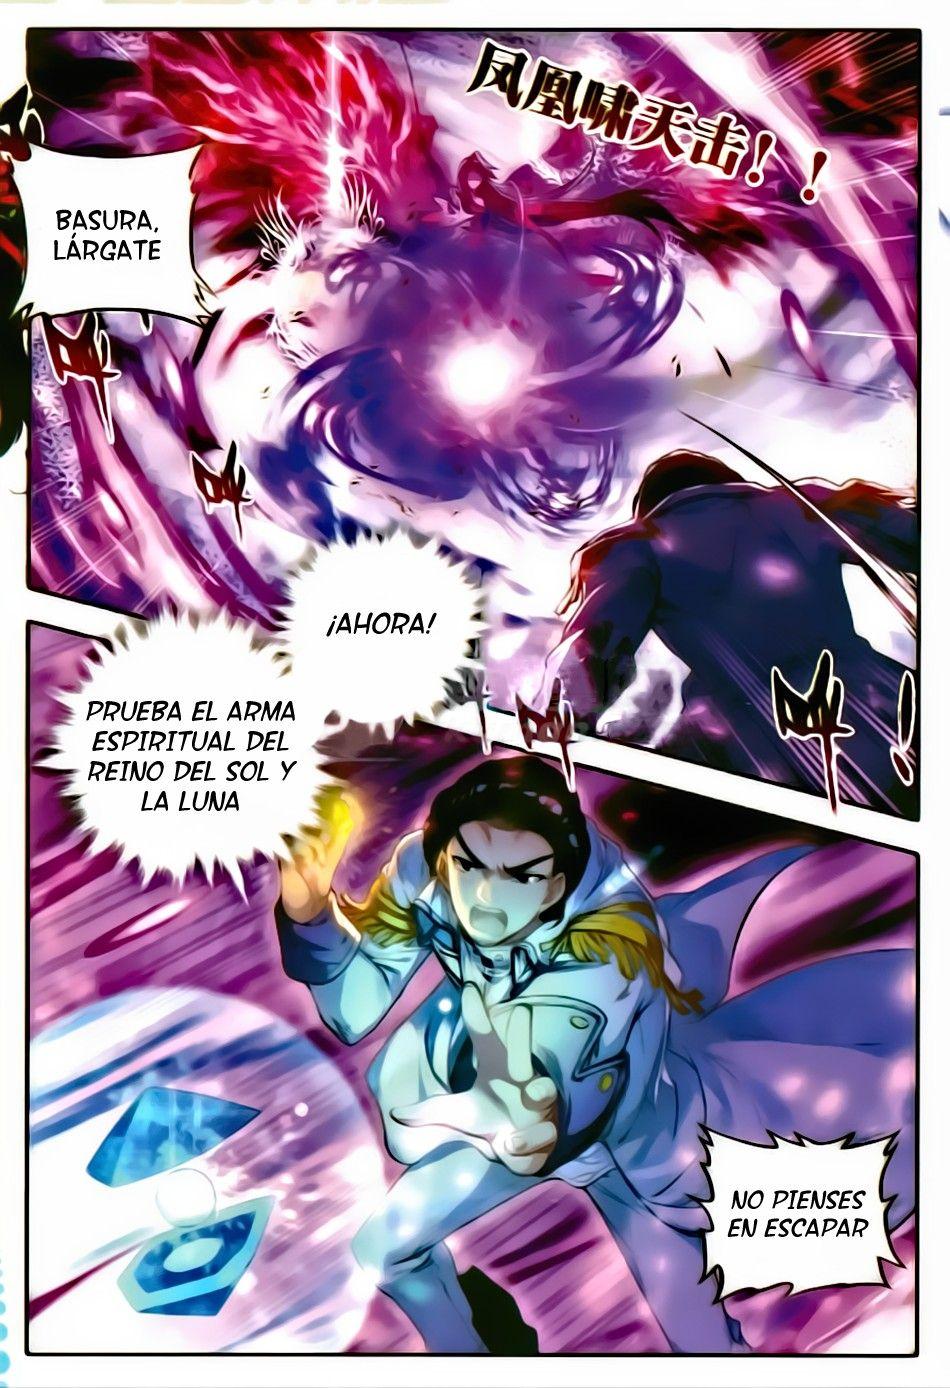 http://c5.ninemanga.com/es_manga/pic2/33/16417/515164/53fb75df1a6e455355e1ff669222b6aa.jpg Page 6